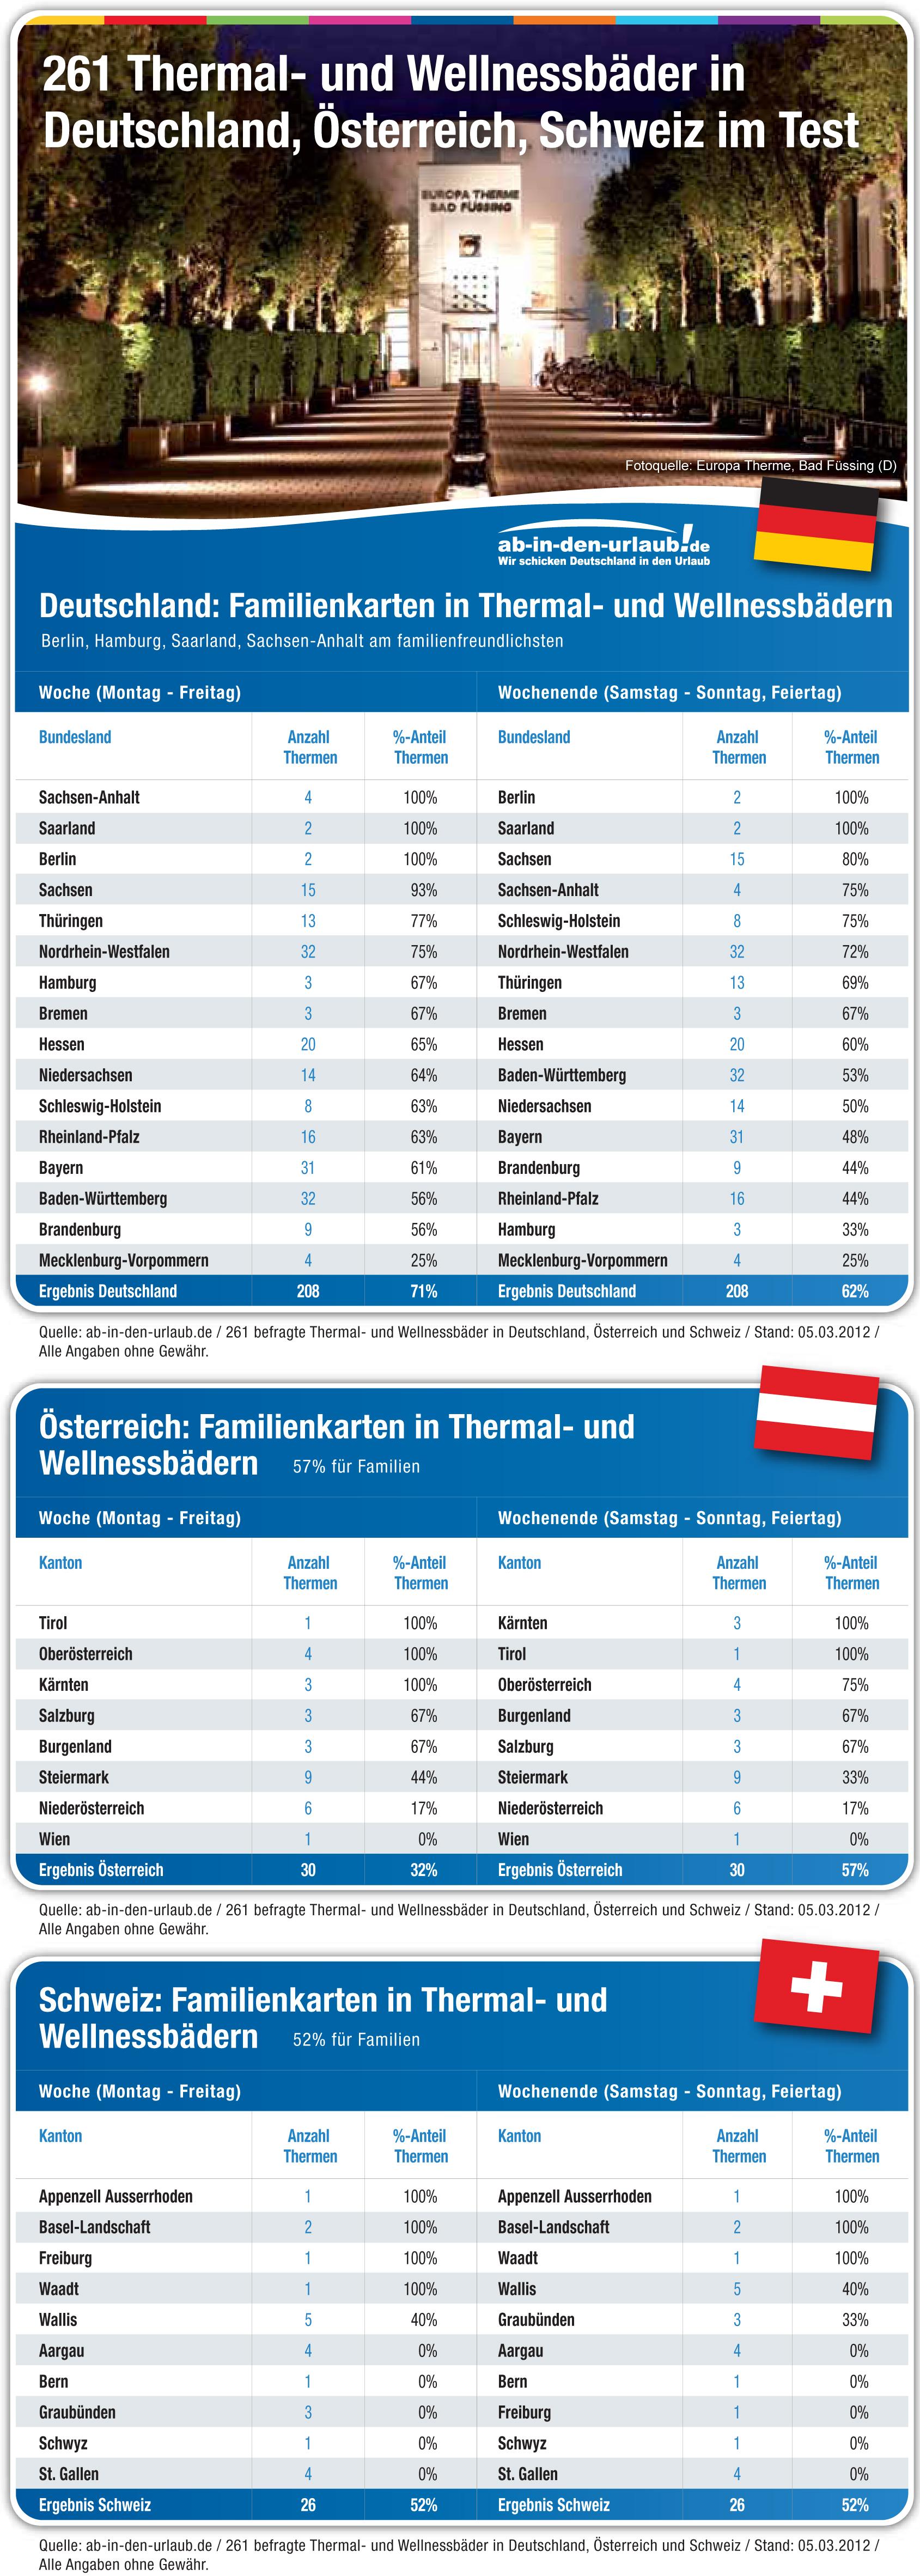 Thermalbäder aus Deutschland, Österreich und der Schweiz im Test